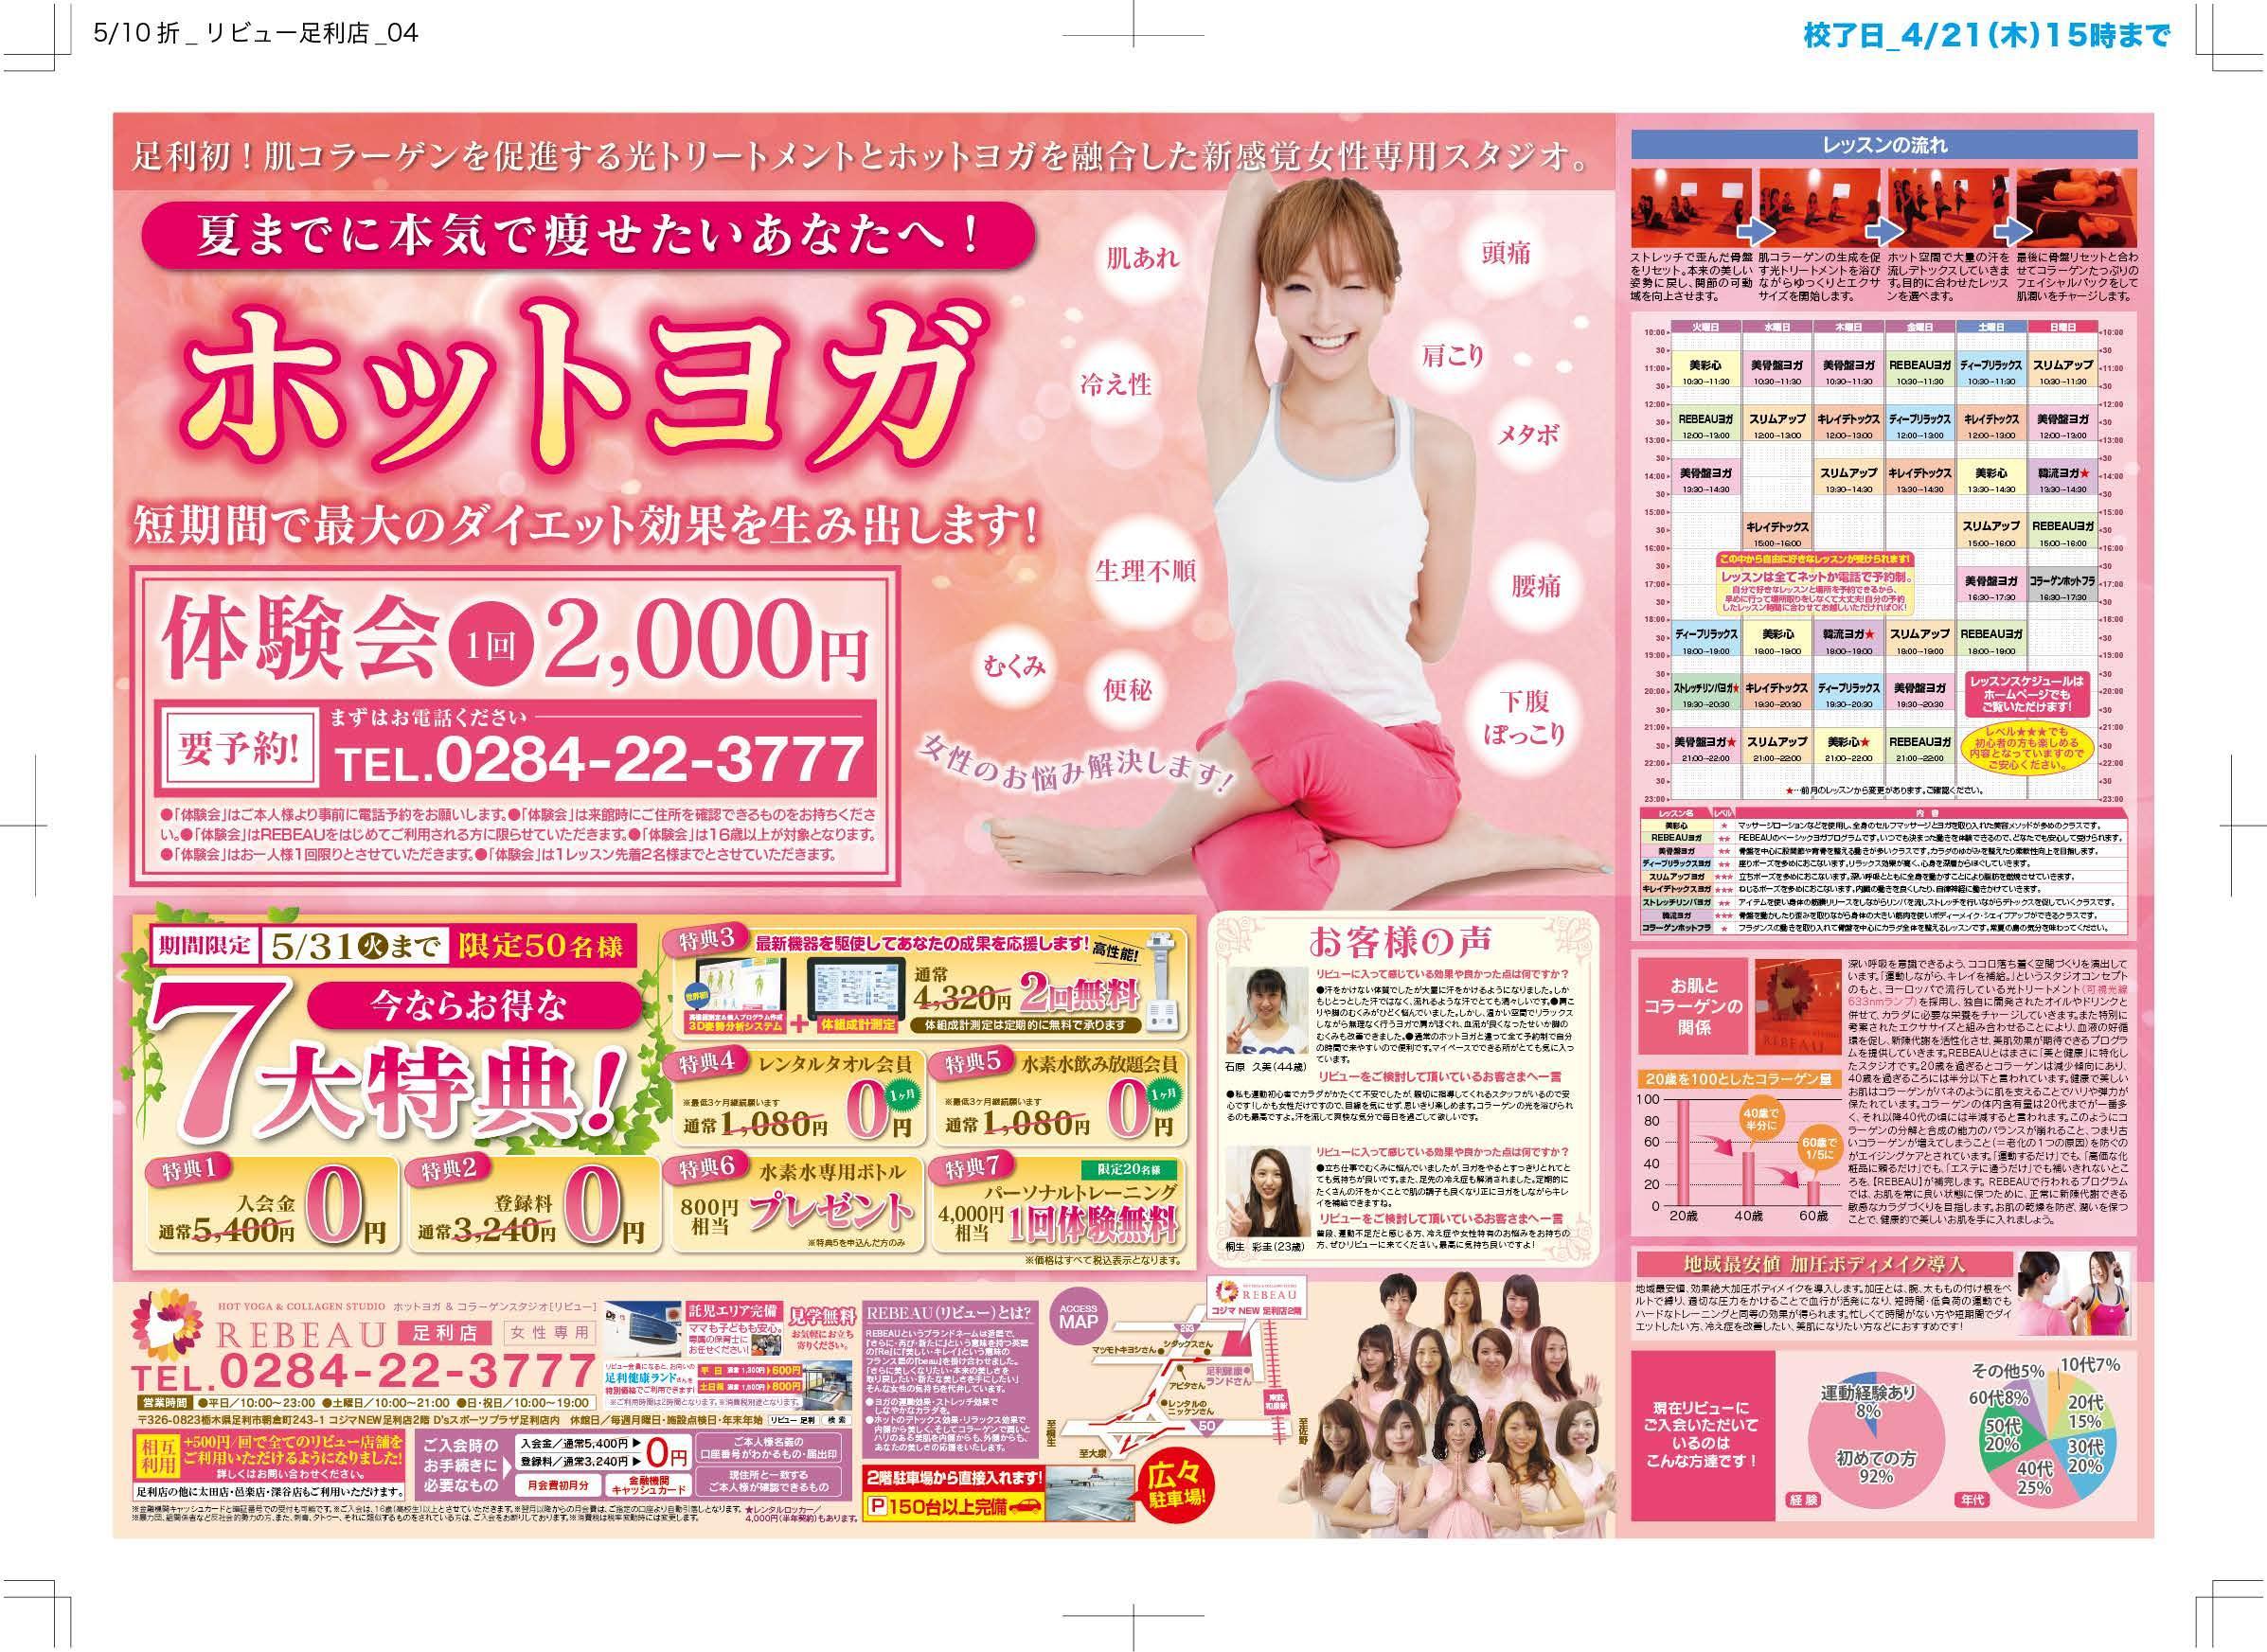 REBEAU足利店 5月キャンペーン情報!